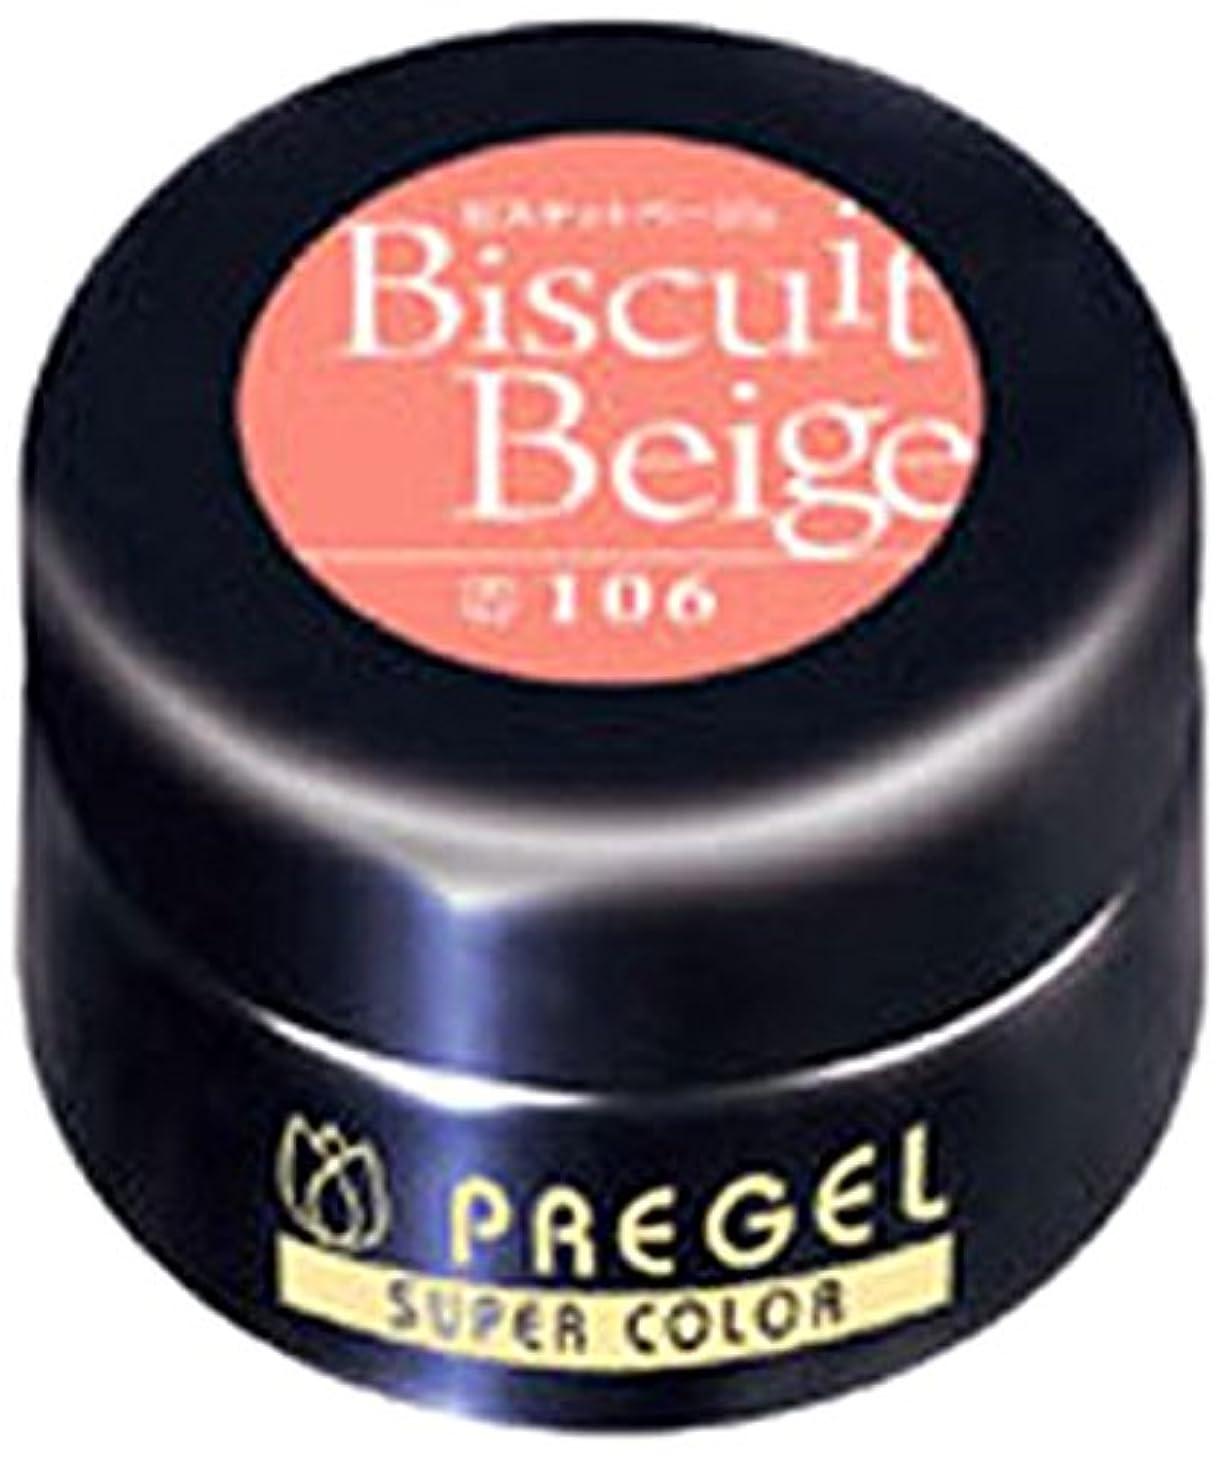 パット胸発表するプリジェル ジェルネイル スーパーカラーEX ビスケットベージュ 4g PG-SE106